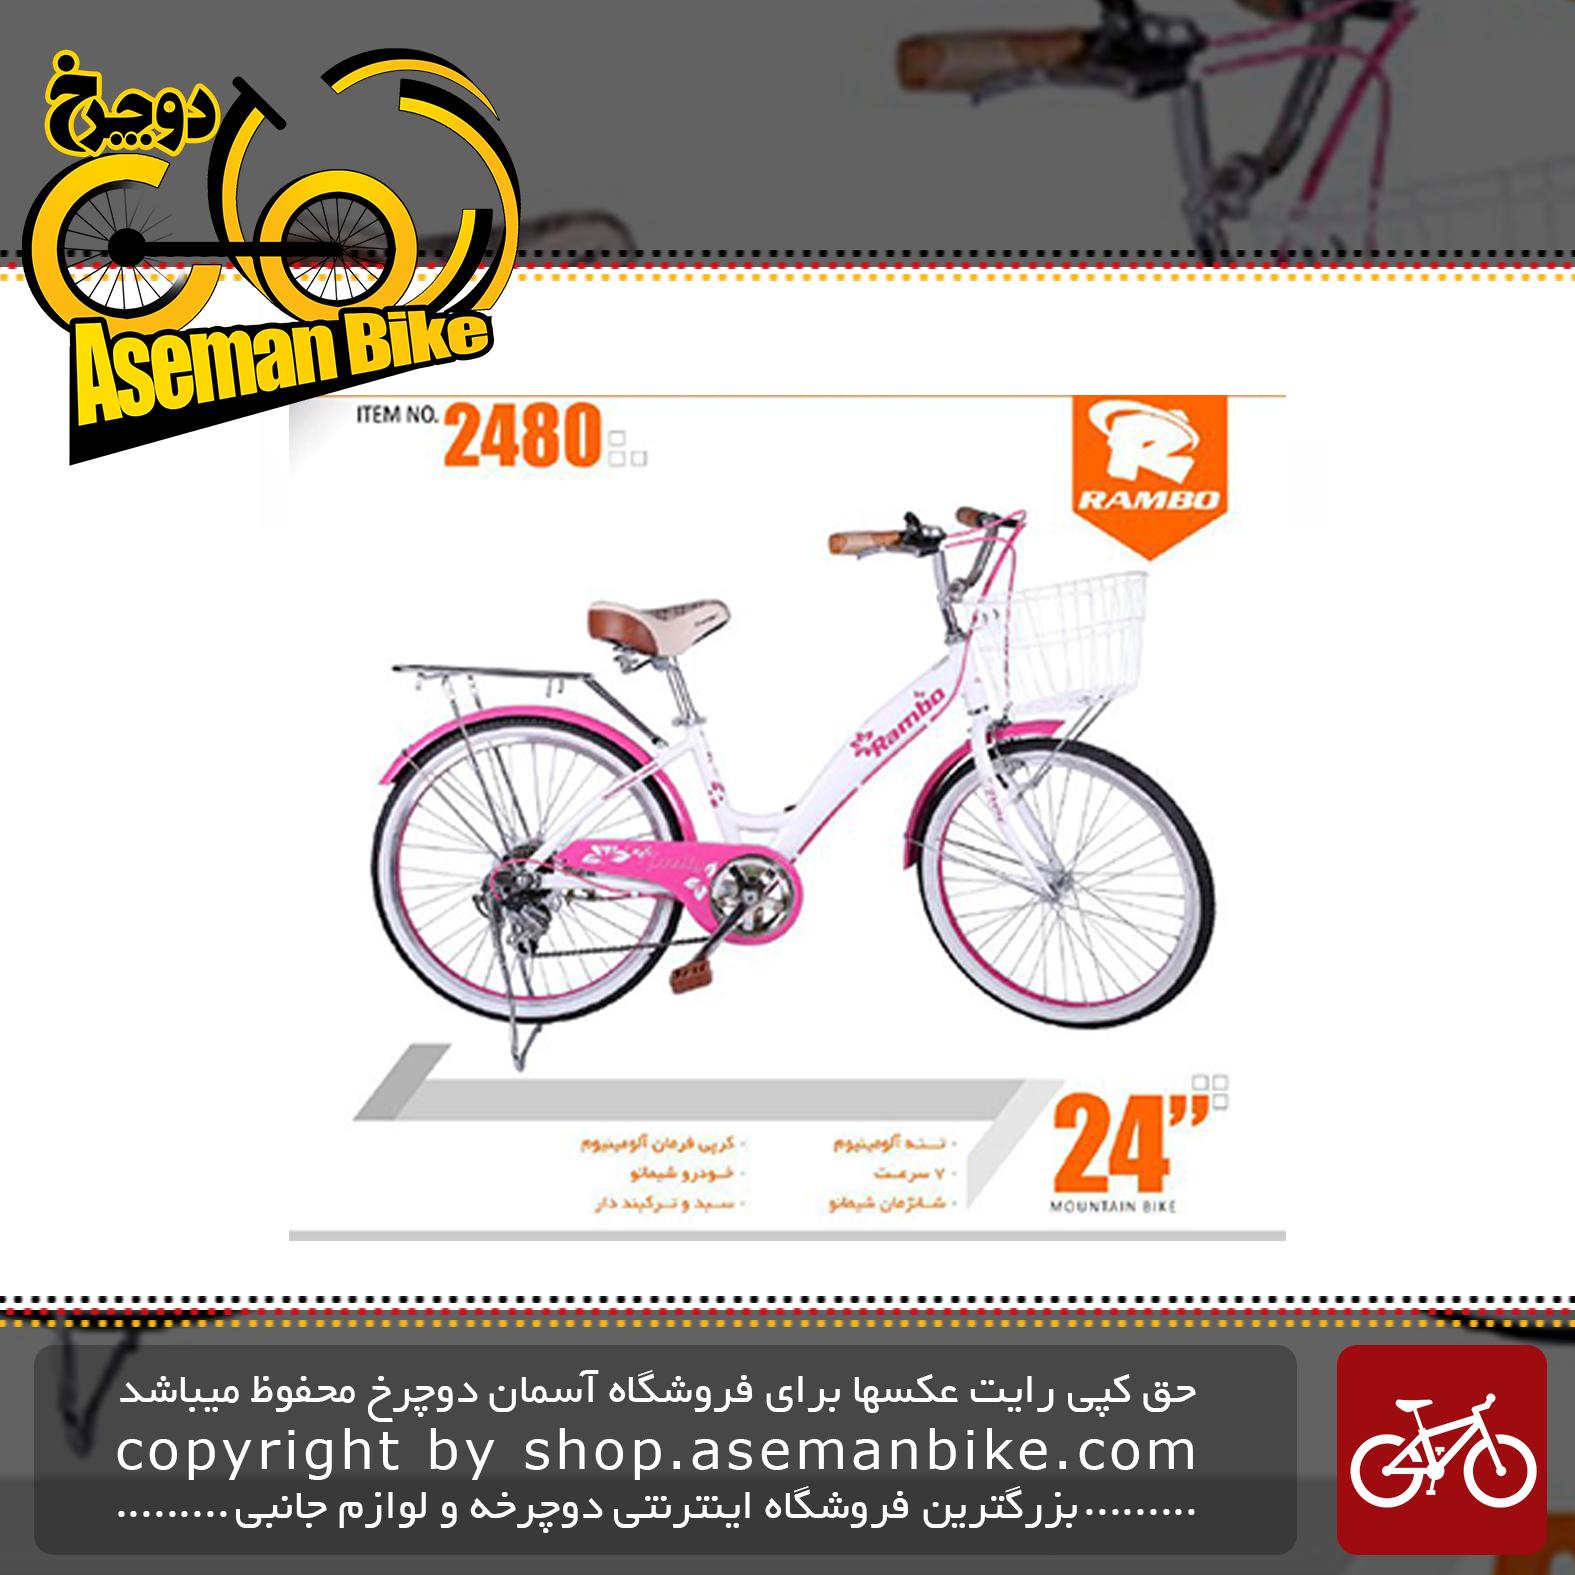 دوچرخه شهری رامبو سایز 24مدل پرتیRAMBO SIZE 24PRETTY